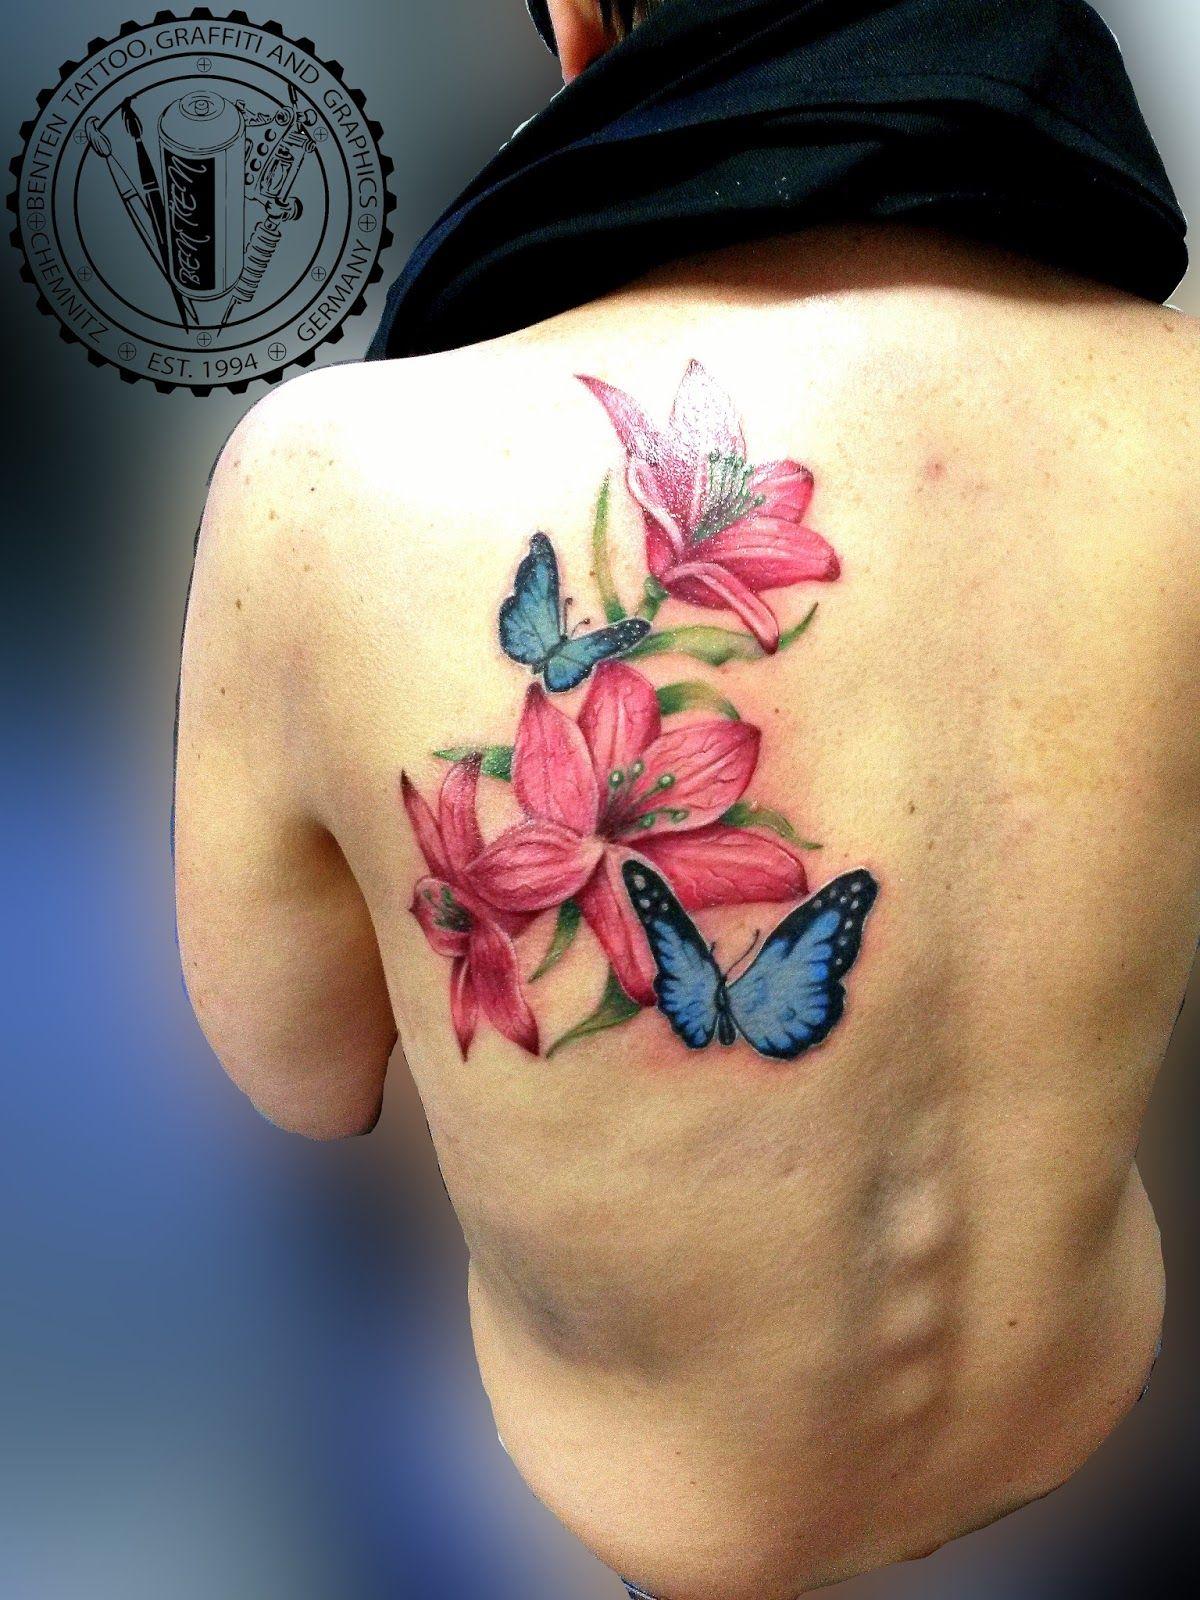 lilie tattoo --- Benten Tattoo Chemnitz. Der Tätowierer für Ihre ... - Tattoo Studio Chemnitz